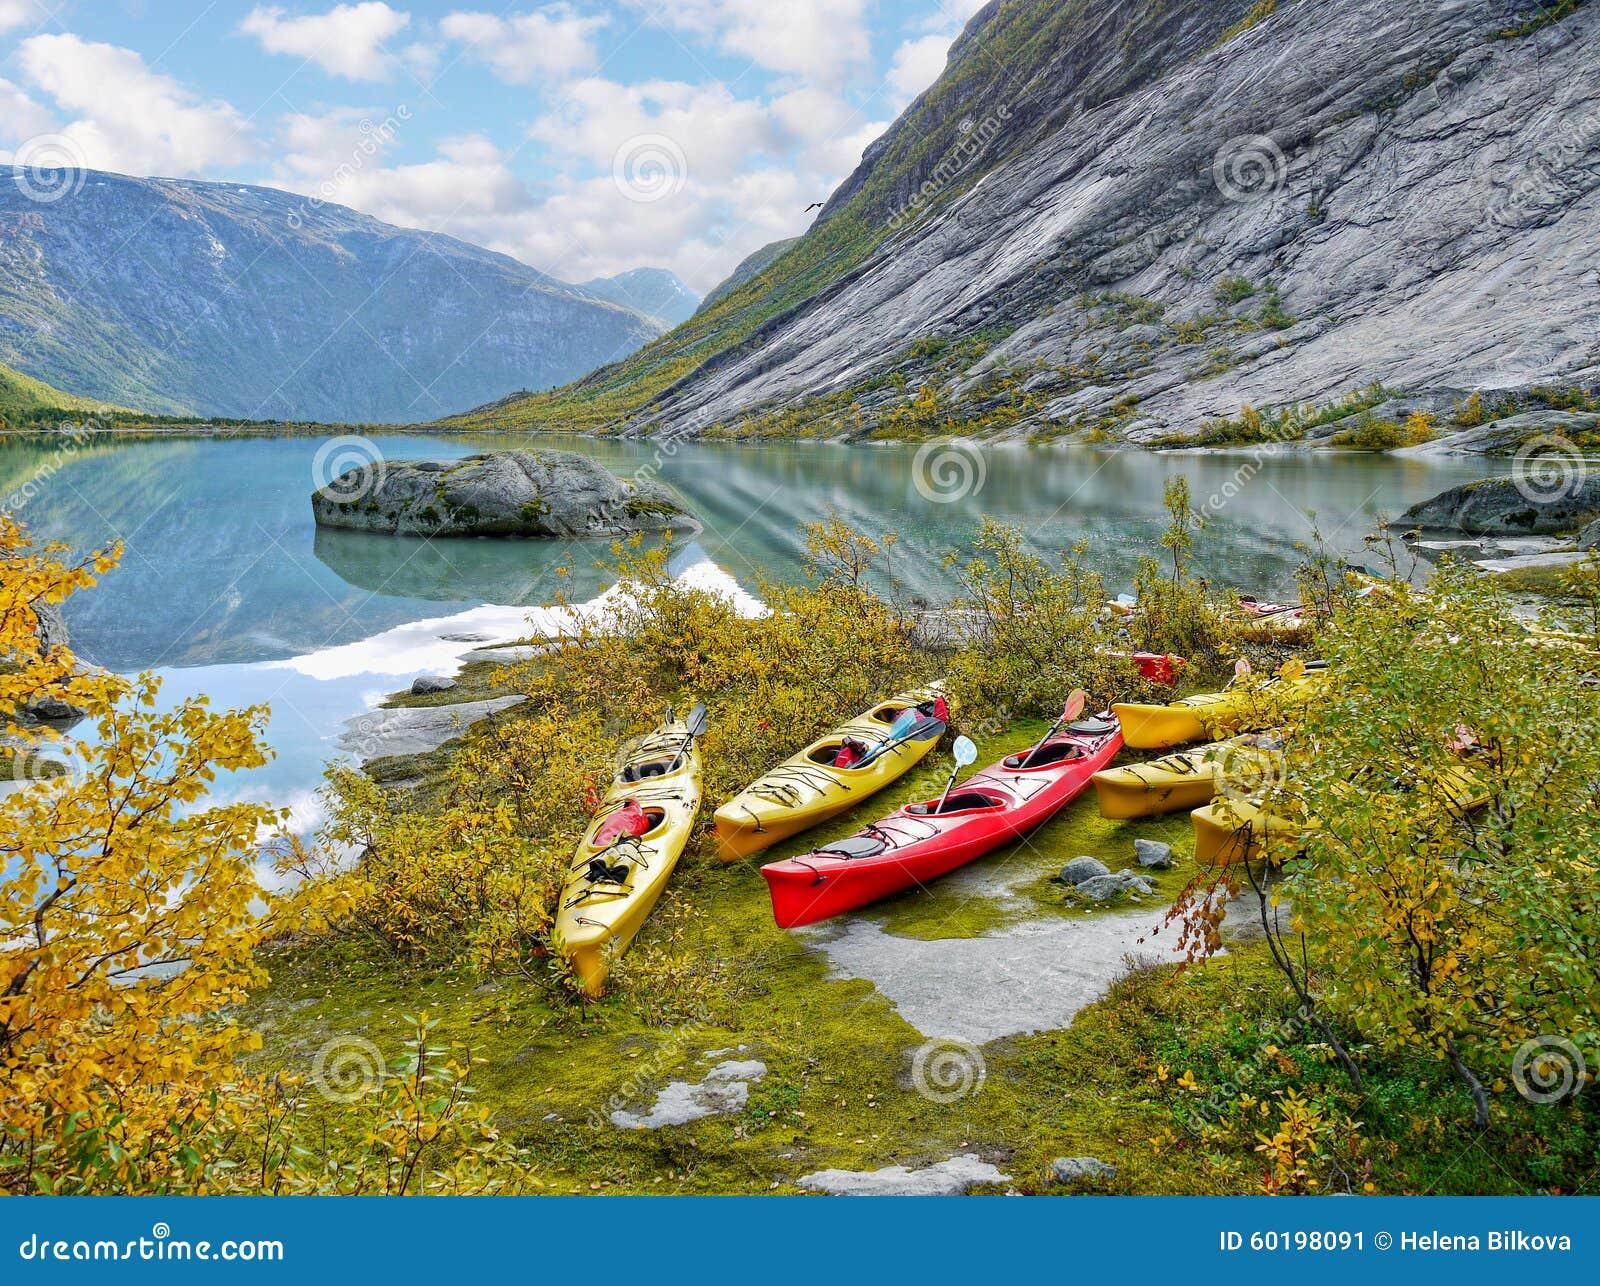 Kayaks at glacier lake, Autumn